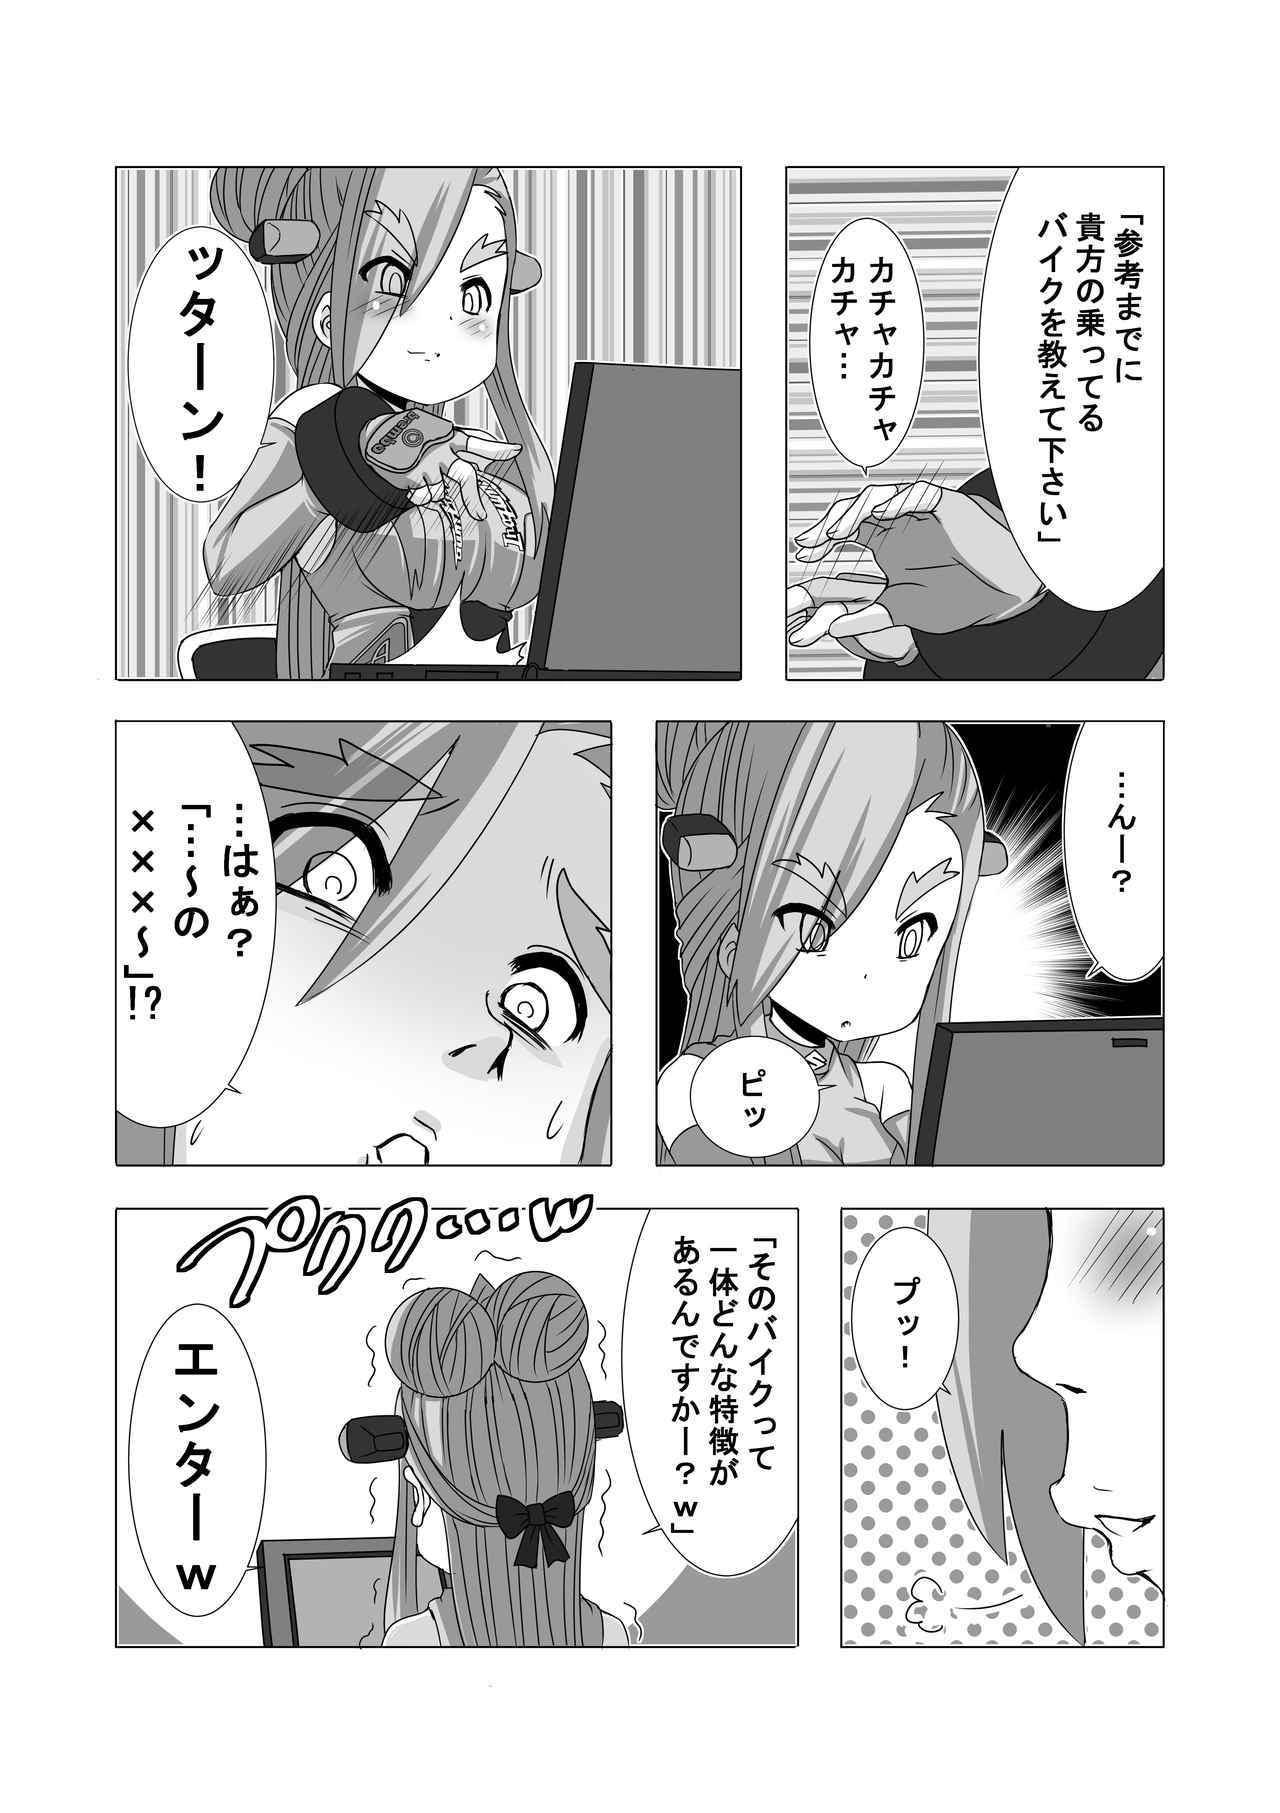 画像3: 『バイク擬人化菌書』INAZUMA400 話「ネットの悪口」 作:鈴木秀吉